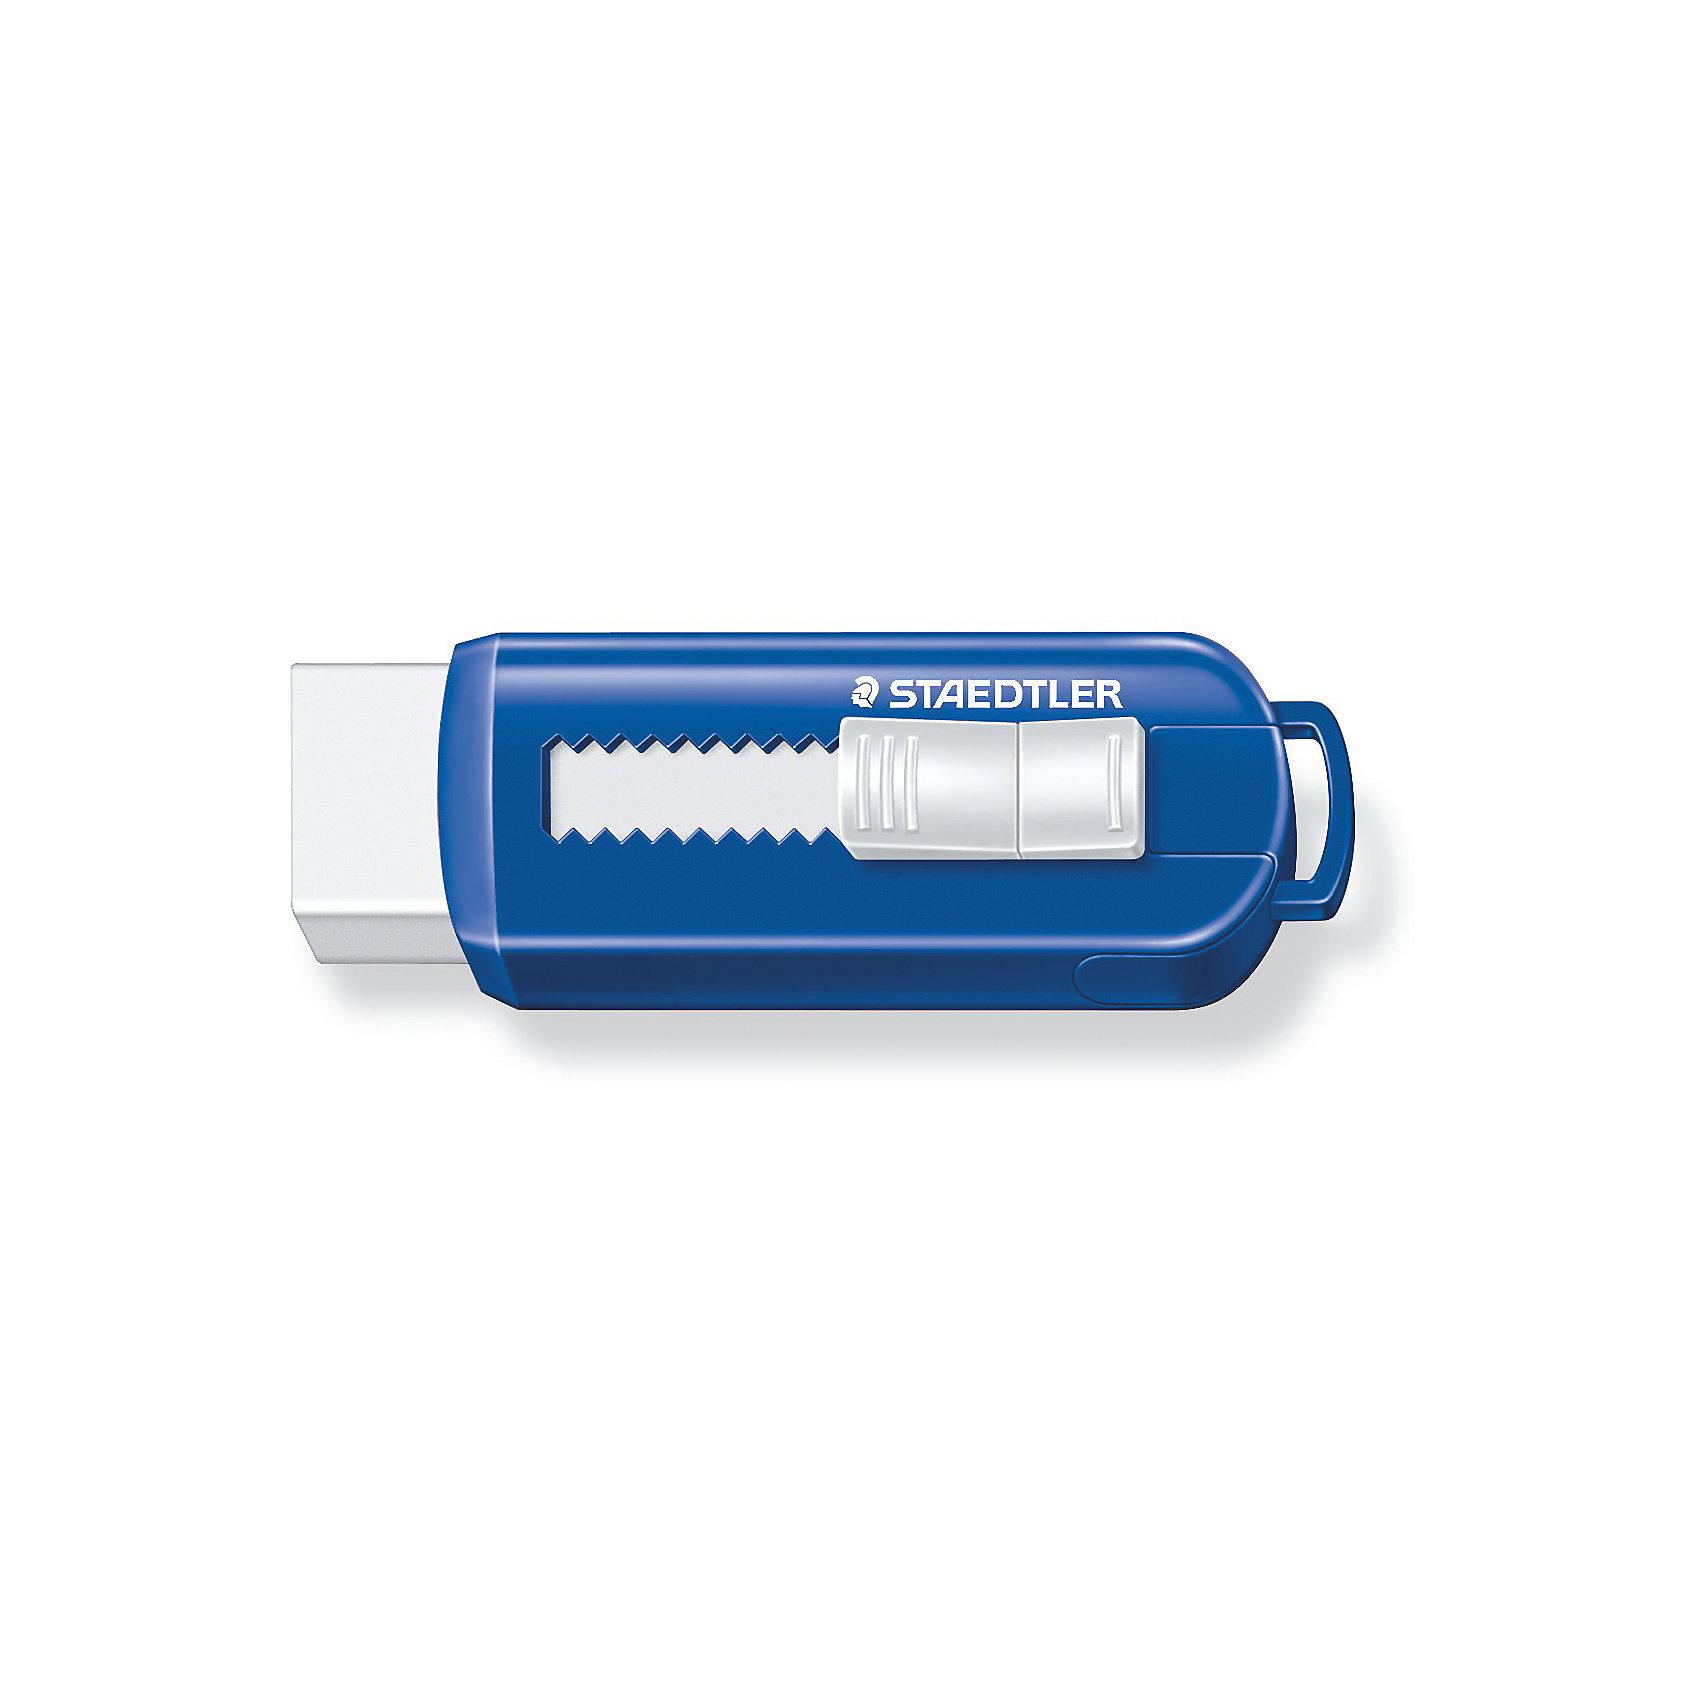 Ластик 525 PS, синий/белый, StaedtlerЧертежные принадлежности<br>Ластик 525 PS, синий/белый, Staedtler (Штедлер).<br><br>Характеристики:<br><br>• Для детей в возрасте: от 3 лет<br>• Материал: термопластический синтетический каучук<br>• Не содержит ПВХ, а также фталата и латекса<br>• Цвет: белый, синий<br>• Размер упаковки: 87х25х17 мм.<br><br>Ластик в пластиковом корпусе со скользящей пластиковой манжеткой обеспечивает лёгкое и чистое стирание. Количество крошек минимальное. Ластик удобен в использовании благодаря выдвижному механизму. Изготовлен из термопластического синтетического каучука, гипоаллергенен.<br><br>Ластик 525 PS, Staedtler (Штедлер) можно купить в нашем интернет-магазине.<br><br>Ширина мм: 86<br>Глубина мм: 26<br>Высота мм: 220<br>Вес г: 28<br>Возраст от месяцев: 36<br>Возраст до месяцев: 2147483647<br>Пол: Унисекс<br>Возраст: Детский<br>SKU: 5529982